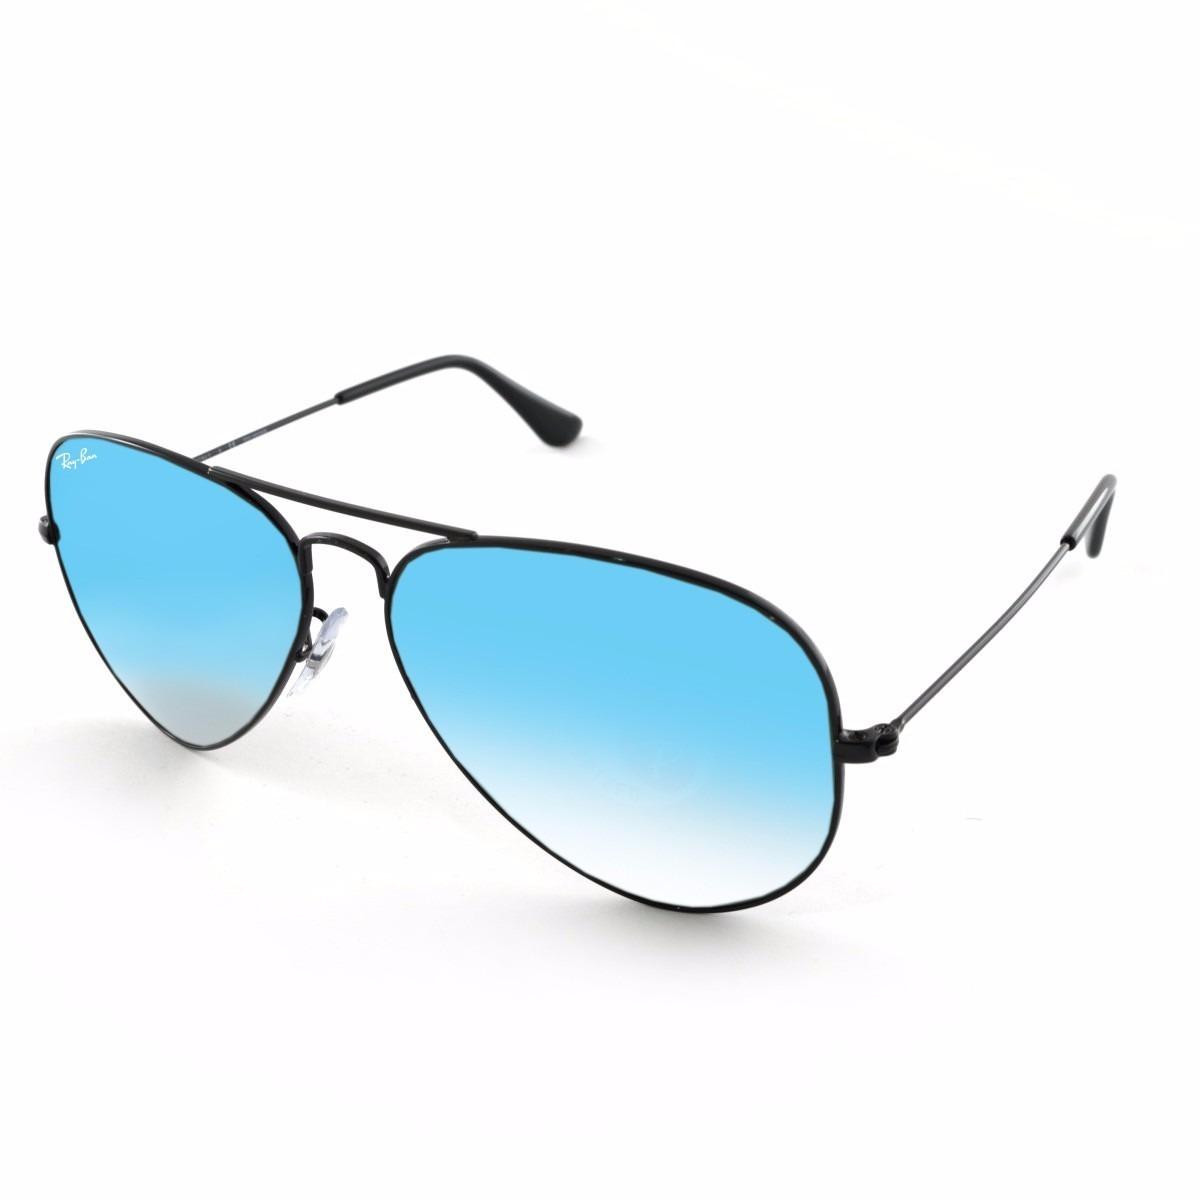 179aa947d6351 Óculos De Sol Ray Ban Rb3025 002 4o 58-14 135 3n - R  530,00 em ...